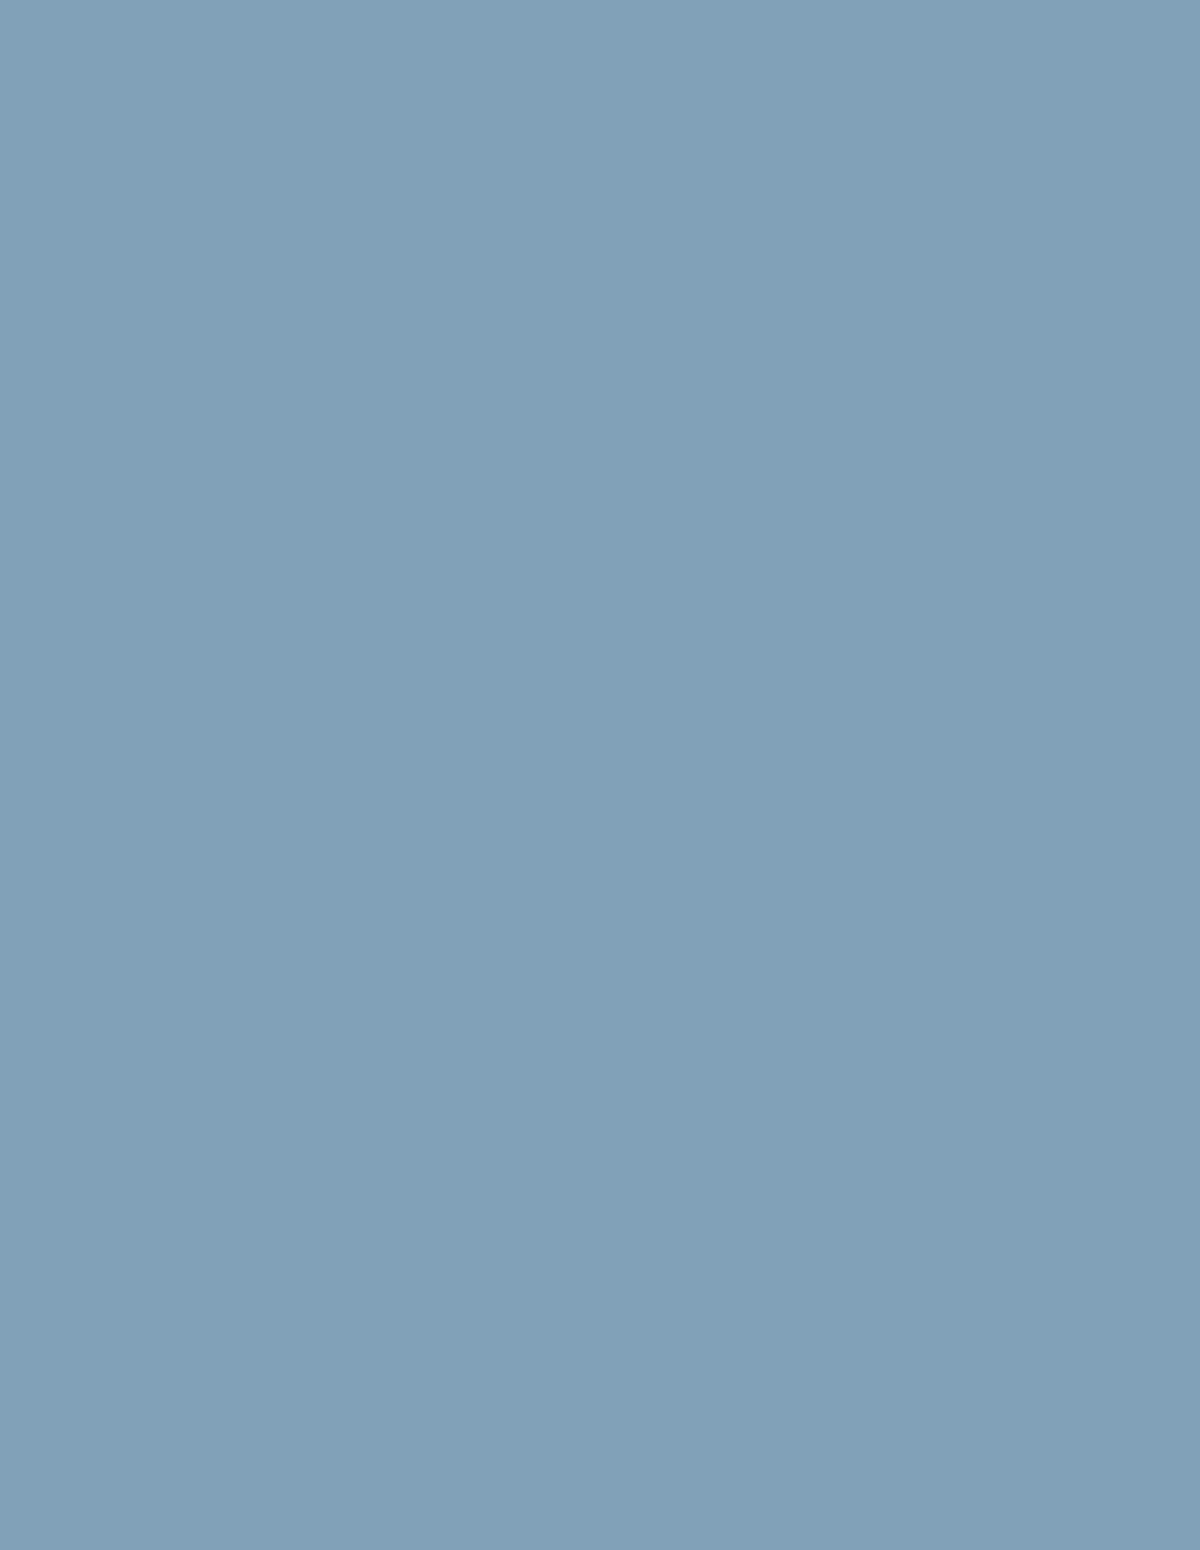 Bleu Horizon N1992 Peinture Haut De Gamme Peintures1825